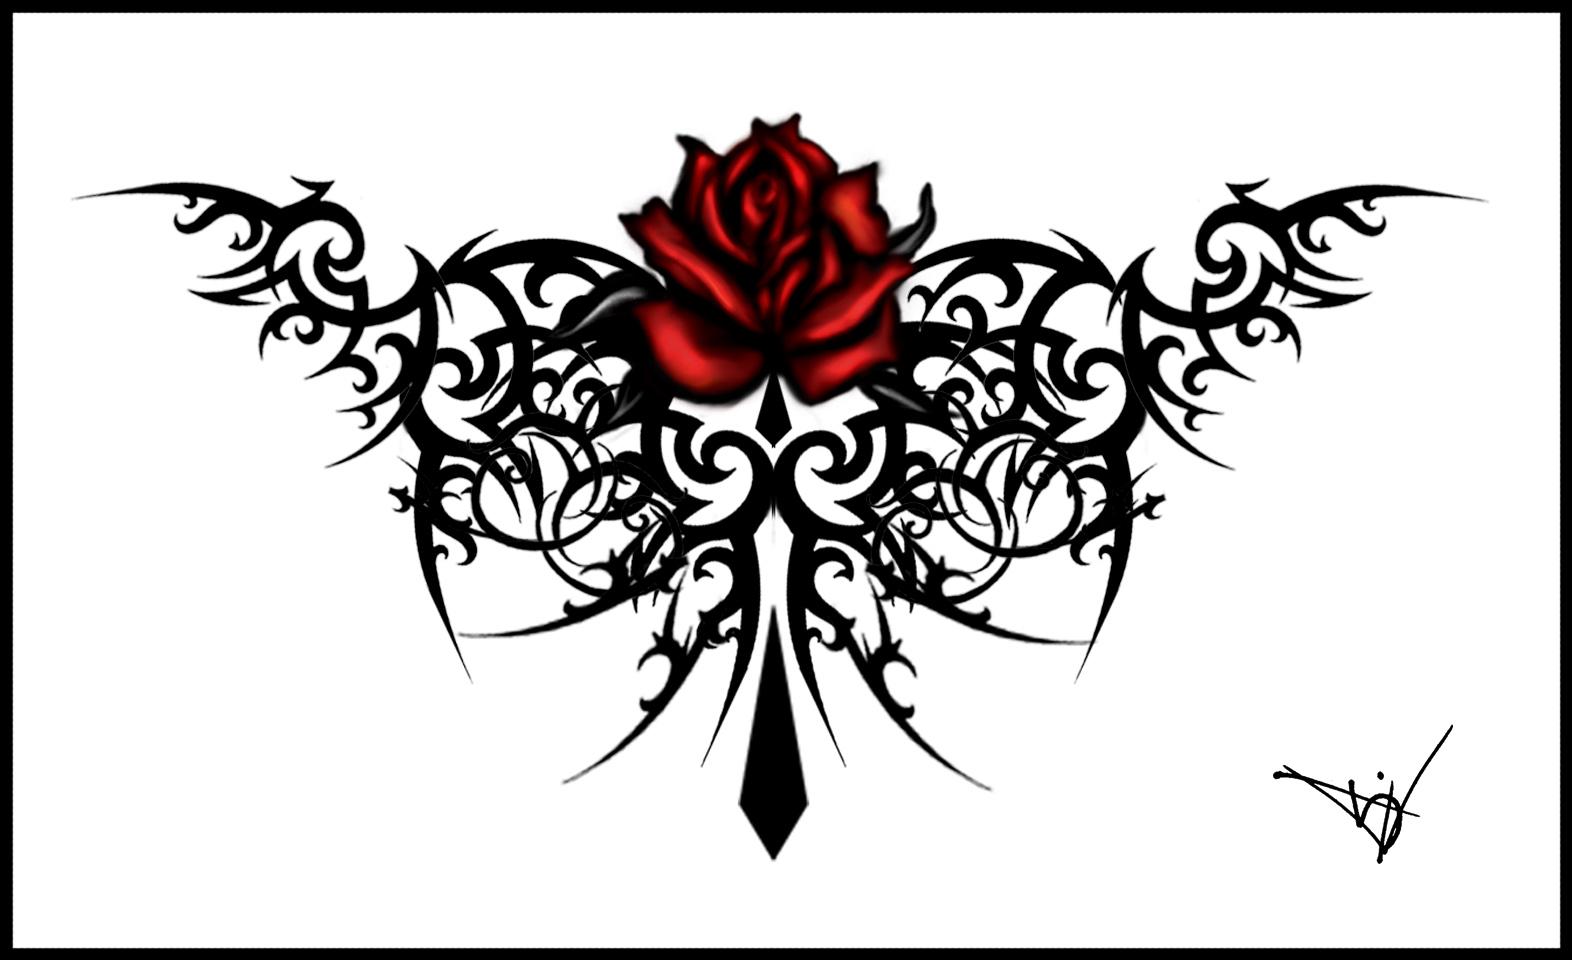 tattoos magazine rose tattoos designs no